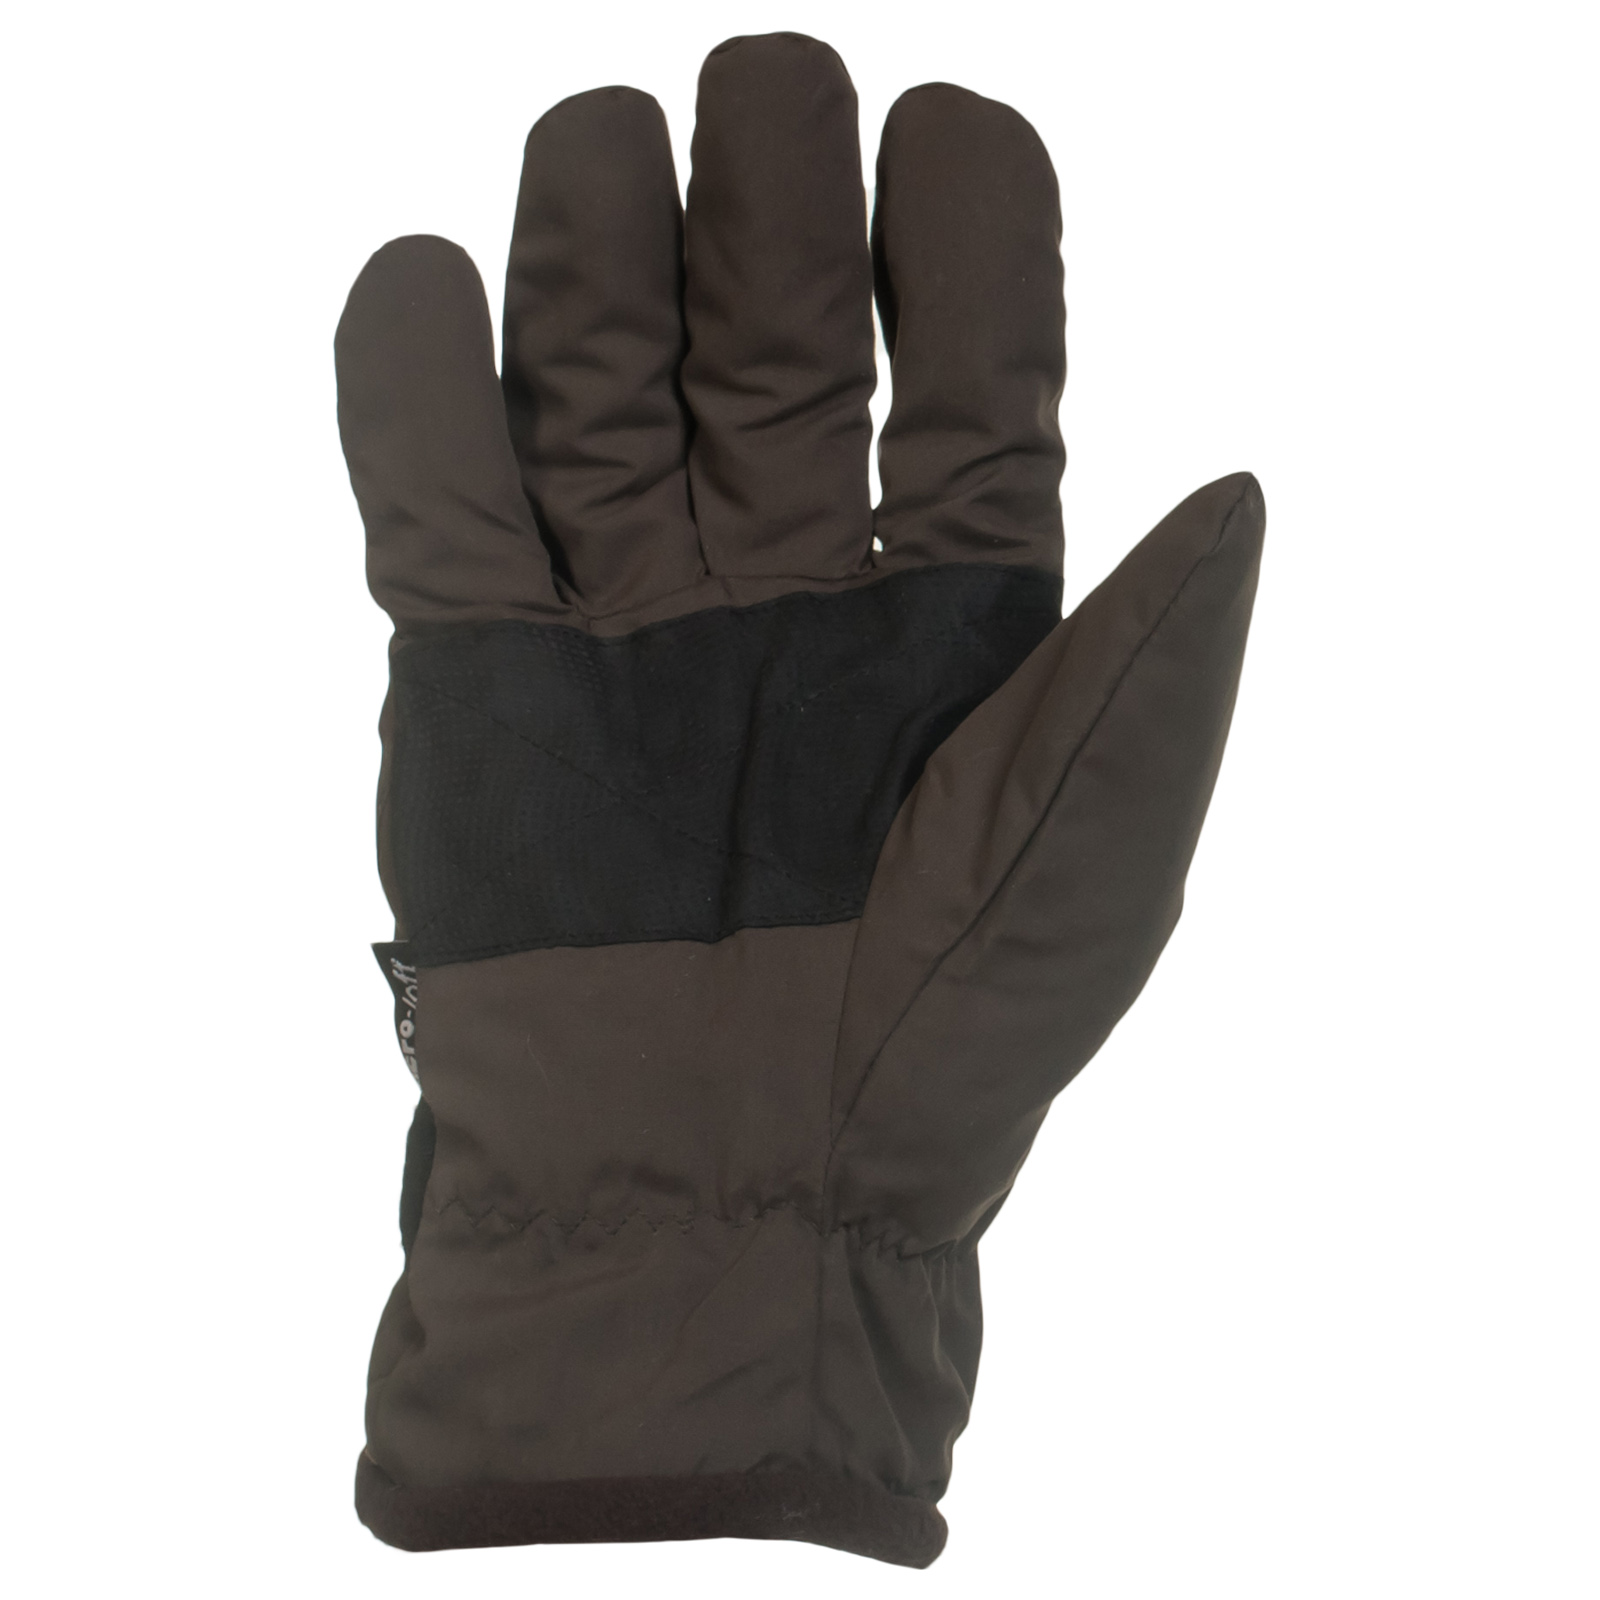 Купить брендовые перчатки цвета хаки выгодно в подарок